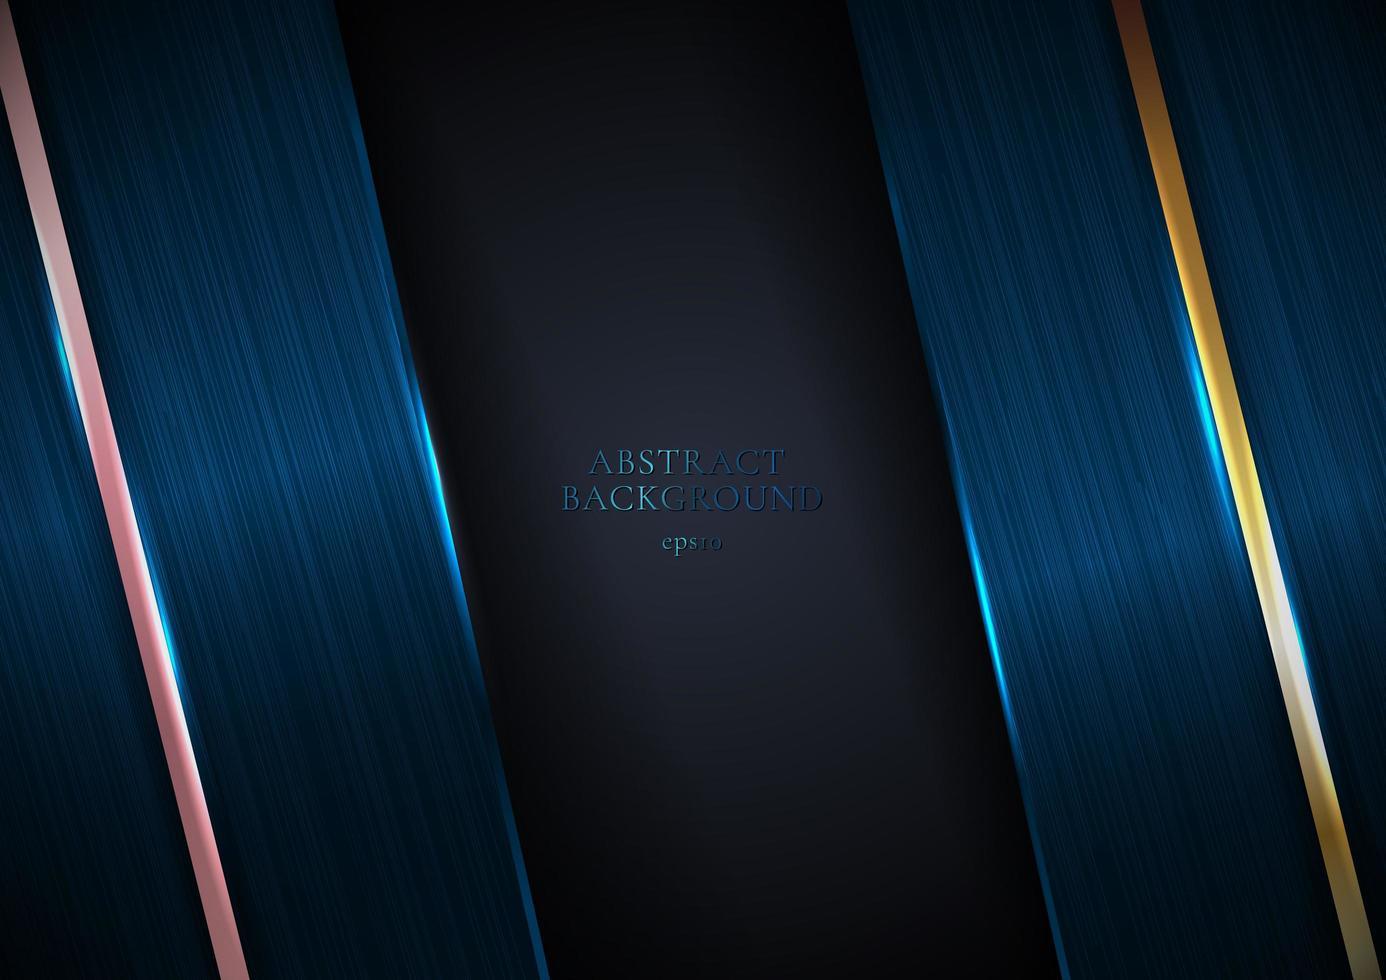 abstrakte blaue metallische Textur mit Roségold und Goldlinien vektor